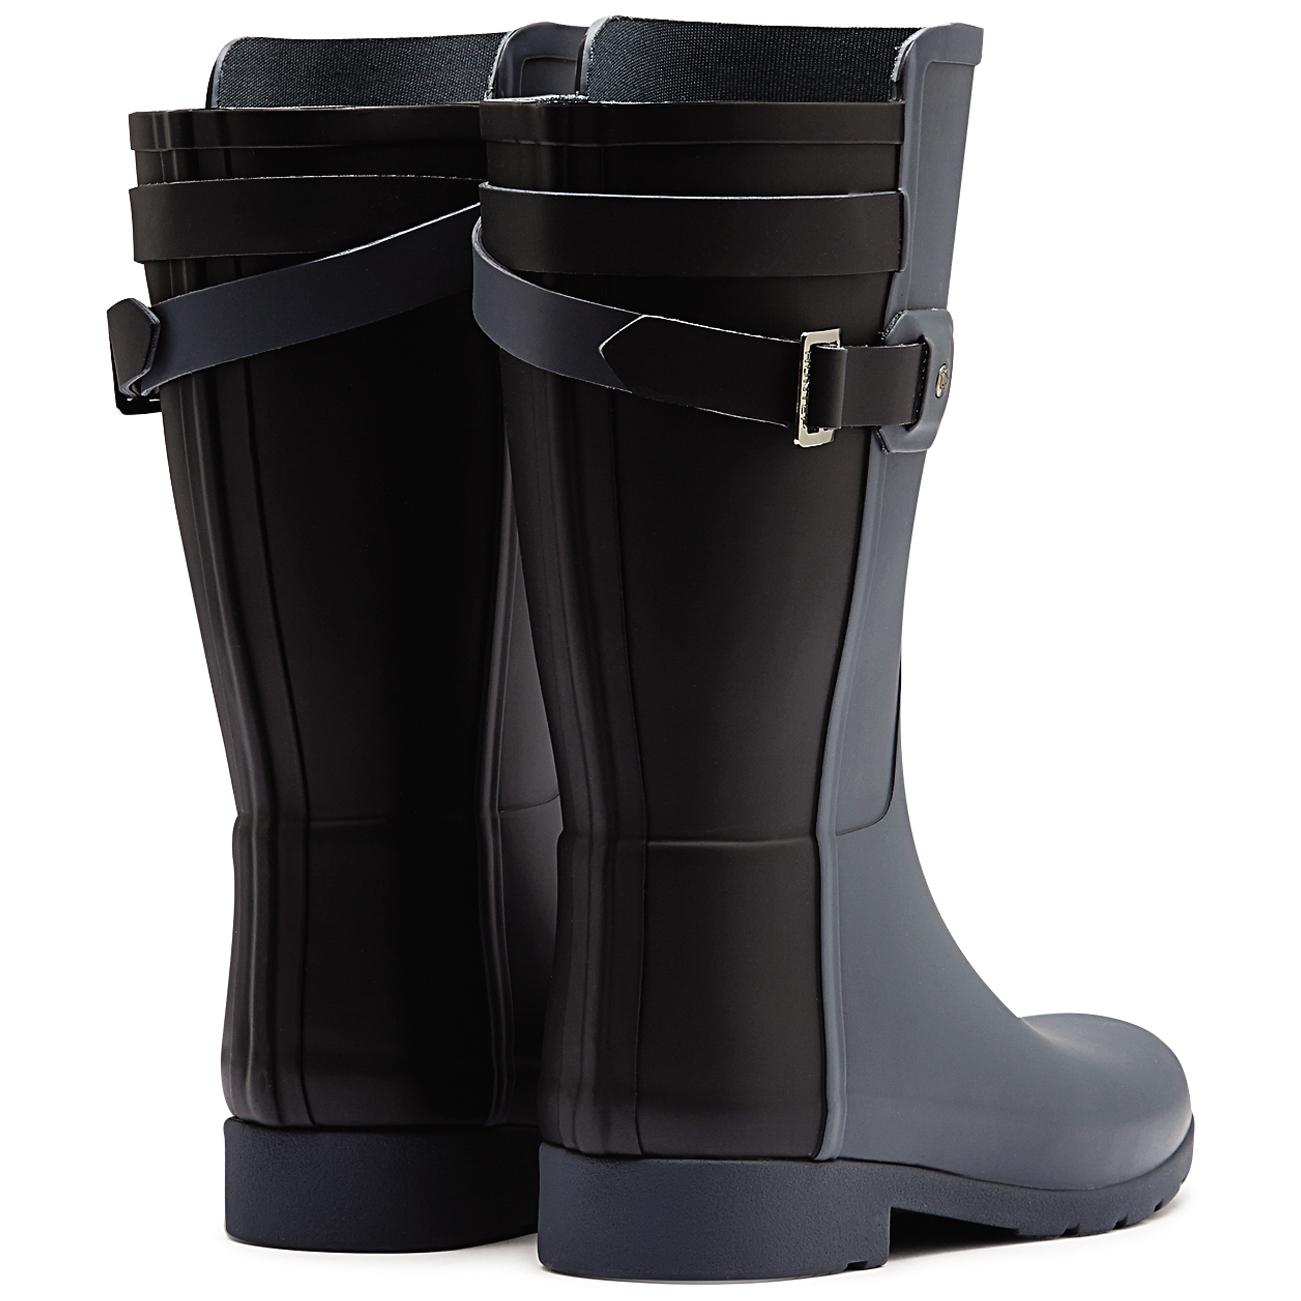 mesdames hunter original original hunter des bottes de neige raffinés erse arrière de toutes tailles courtes d6220c